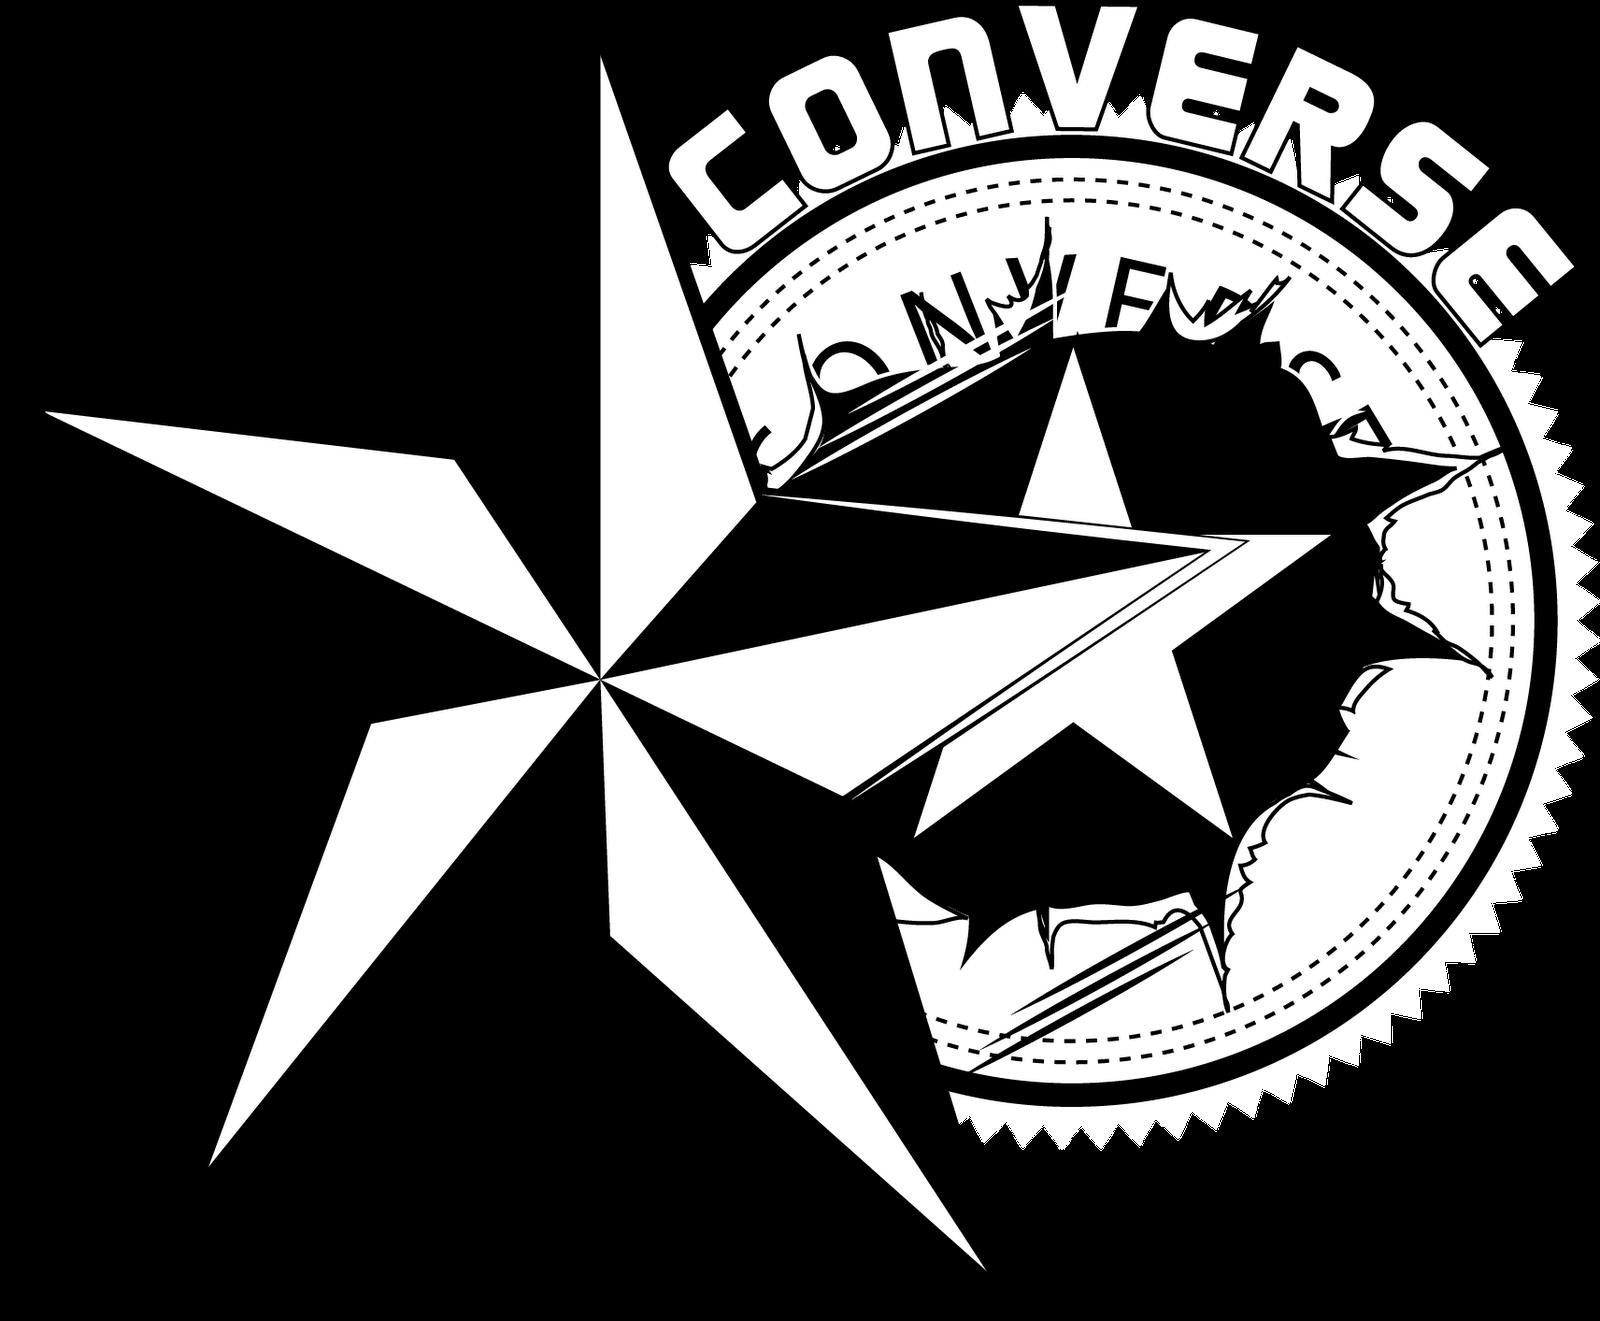 Drawn converse logo Design Drawing free logo Star